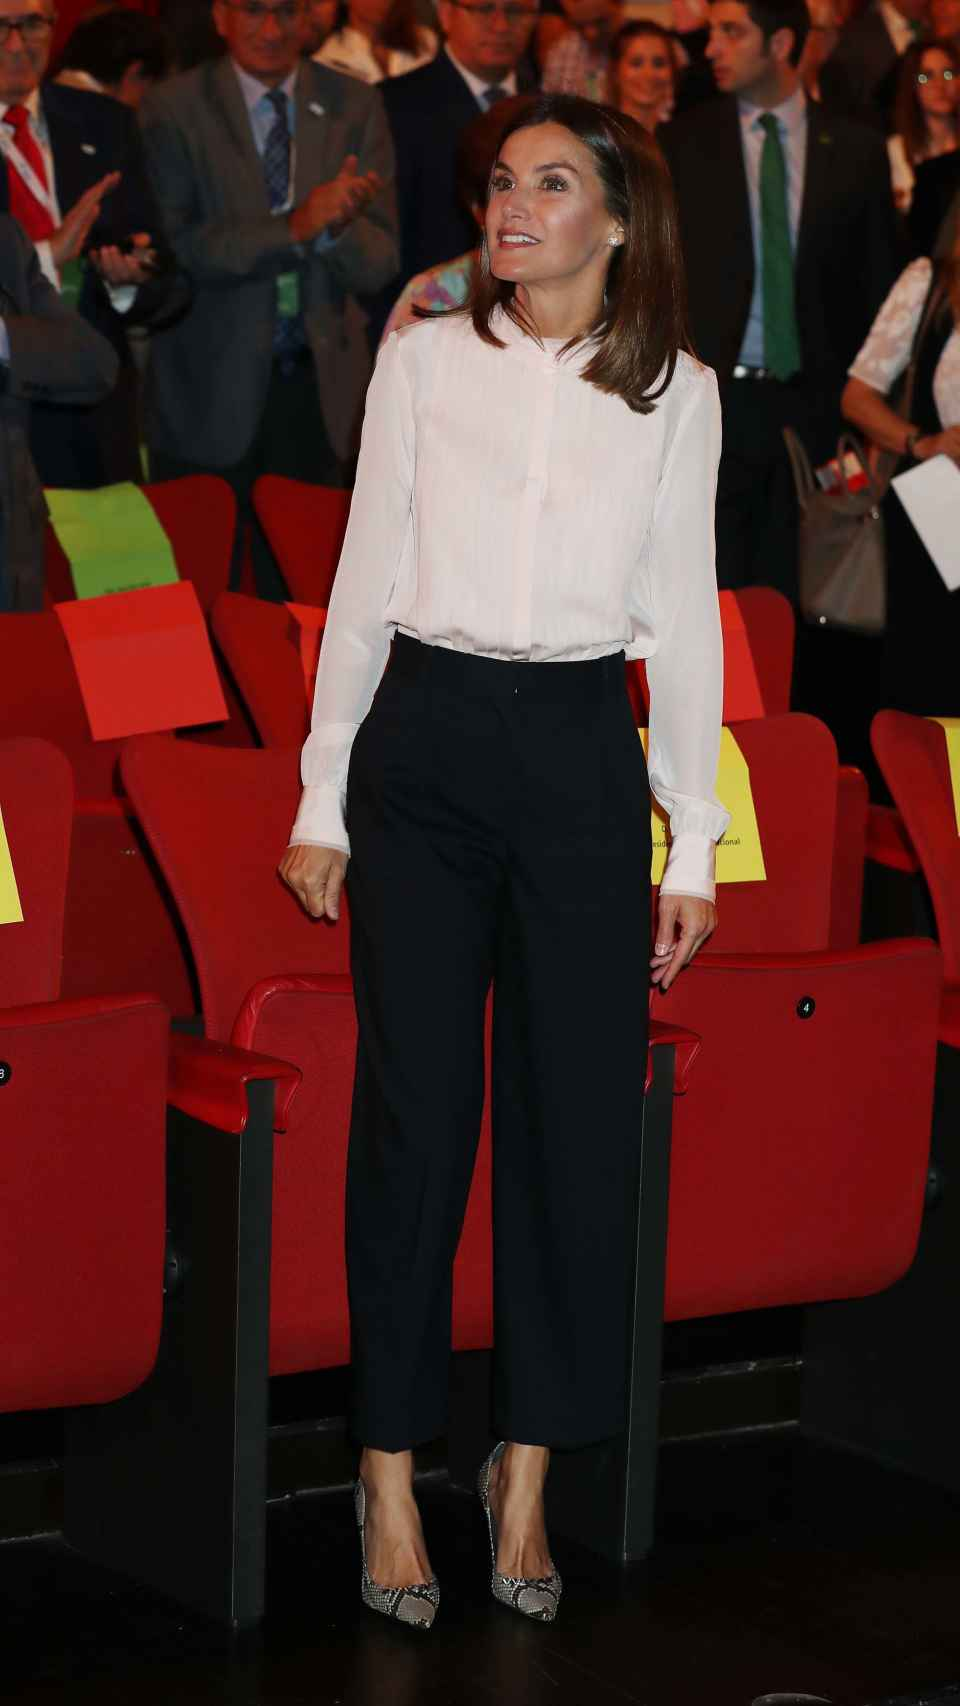 La reina Letizia en su primer acto de la semana.